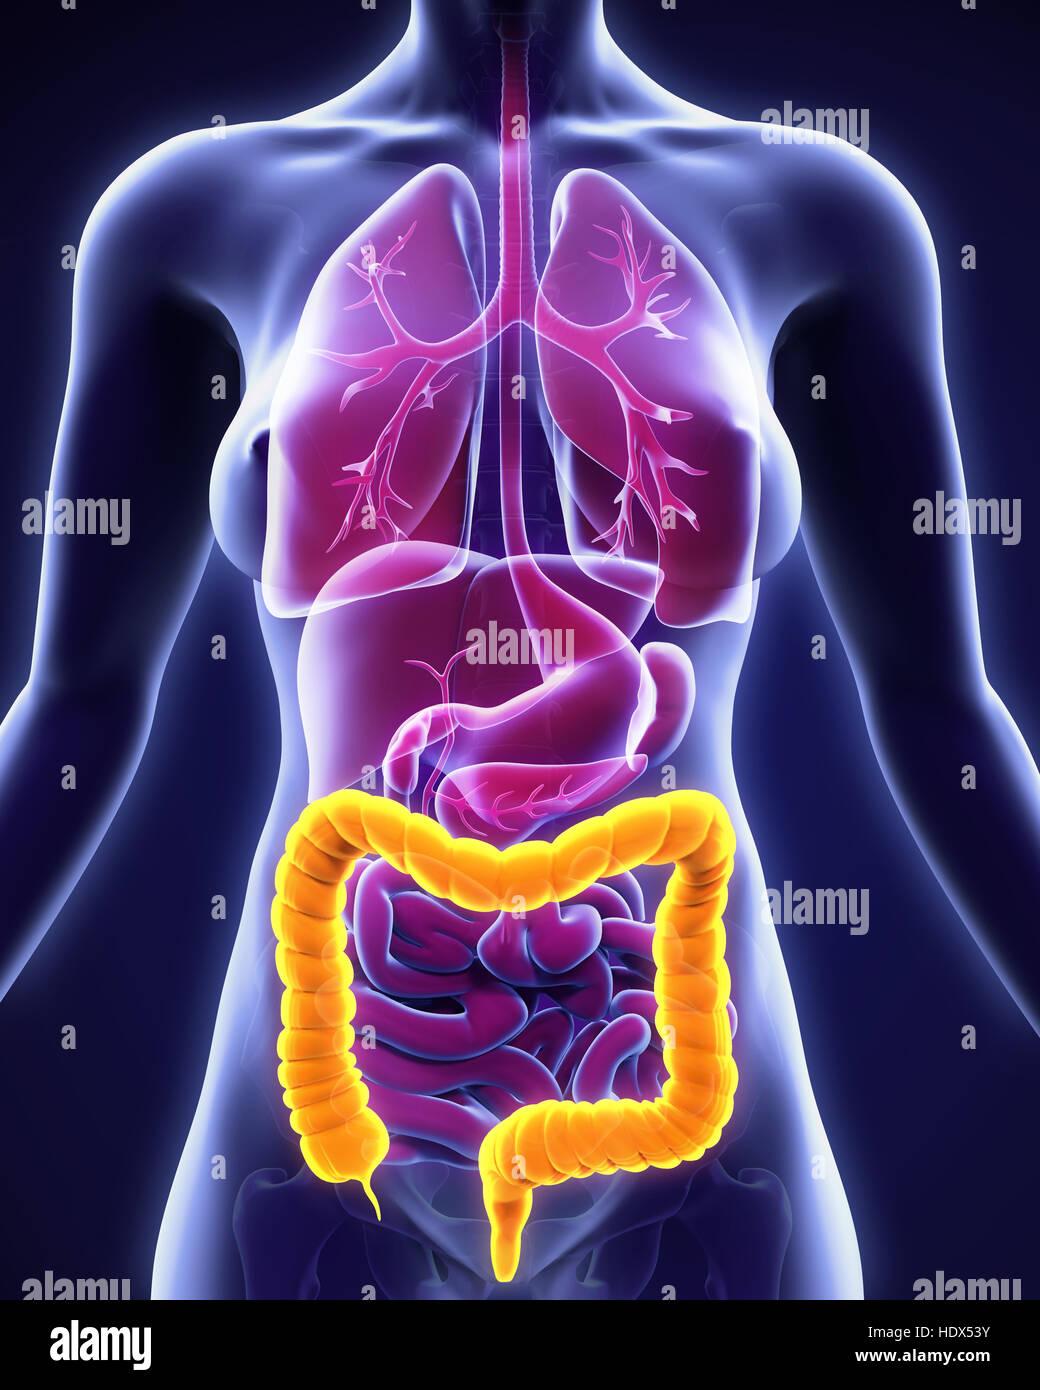 Anatomía del colon humano Foto & Imagen De Stock: 129037887 - Alamy